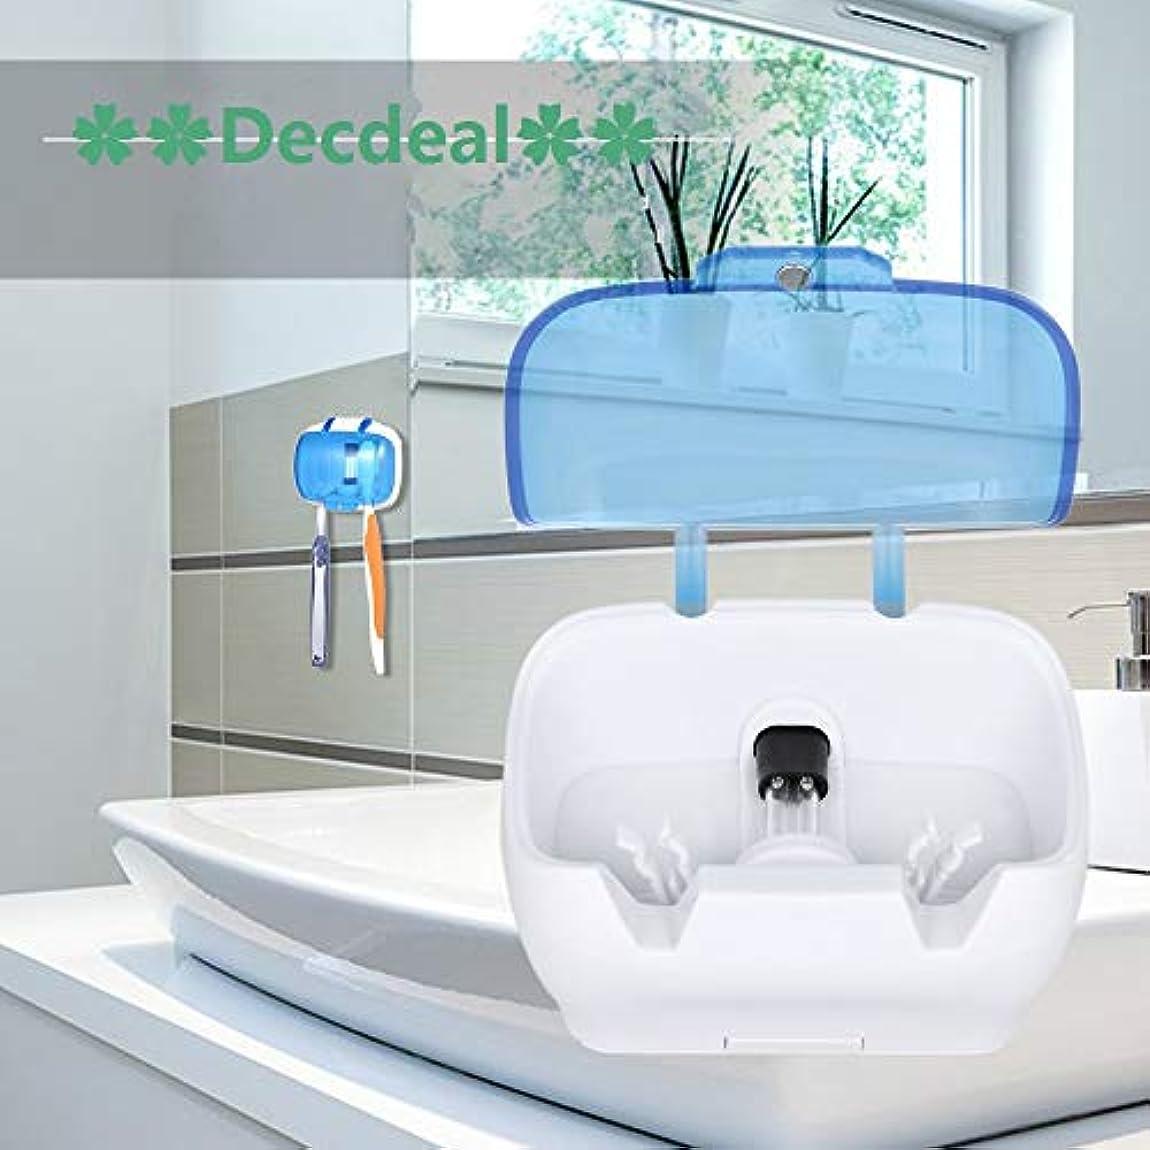 ひもサッカー苦しむDecdeal UV滅菌キャビネット 多機能消毒クリーンツール プロフェッショナル ネイルアート機器トレイ 温度殺菌ツール 5W 220V USプラグ (歯ブラシUV消毒ボックス)